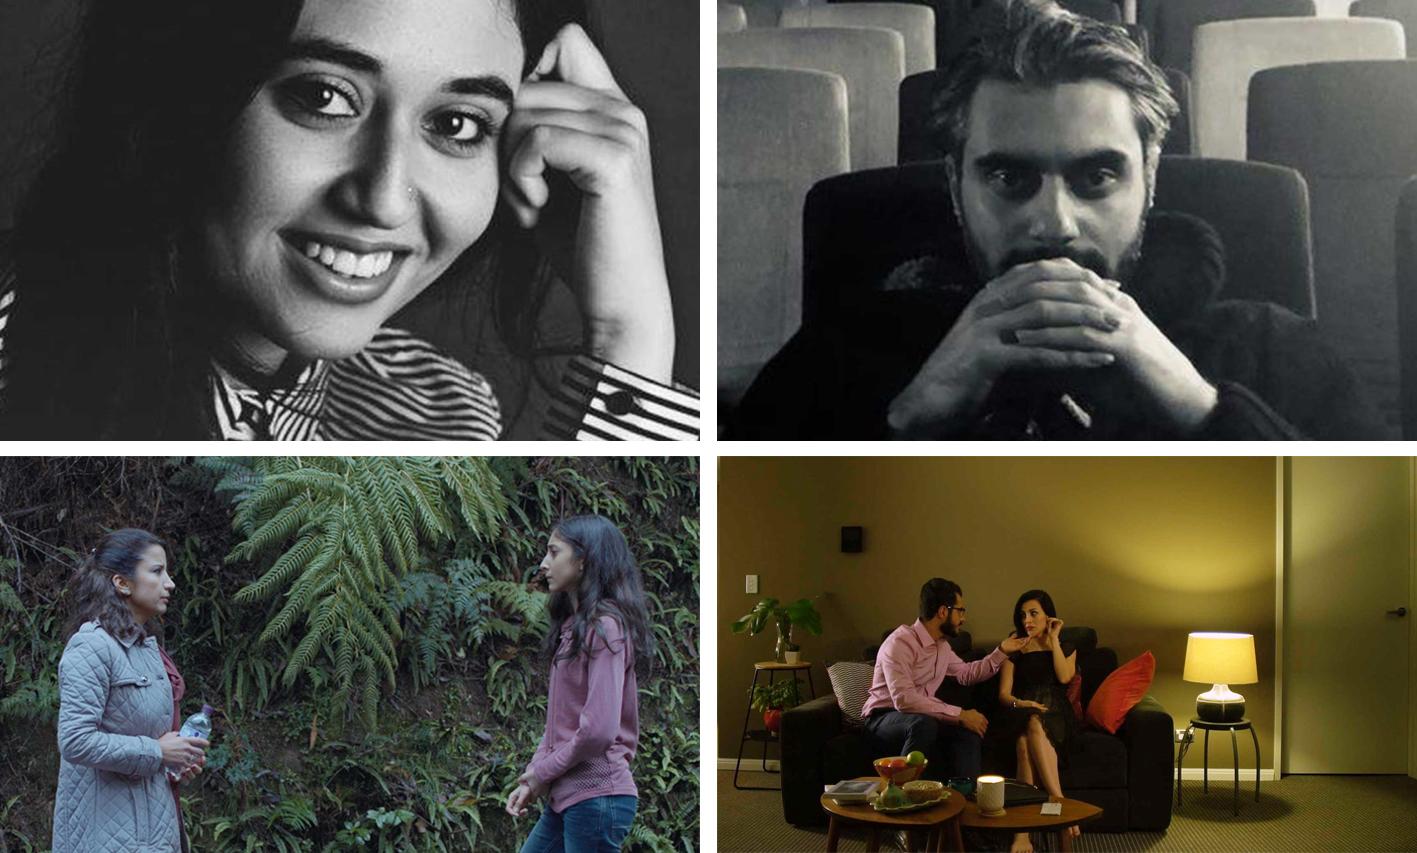 حضور دو فیلمساز ایرانی ساکن استرالیا در بخش مسابقه فیلم کوتاه جشنواره فیلم پارسی استرالیا